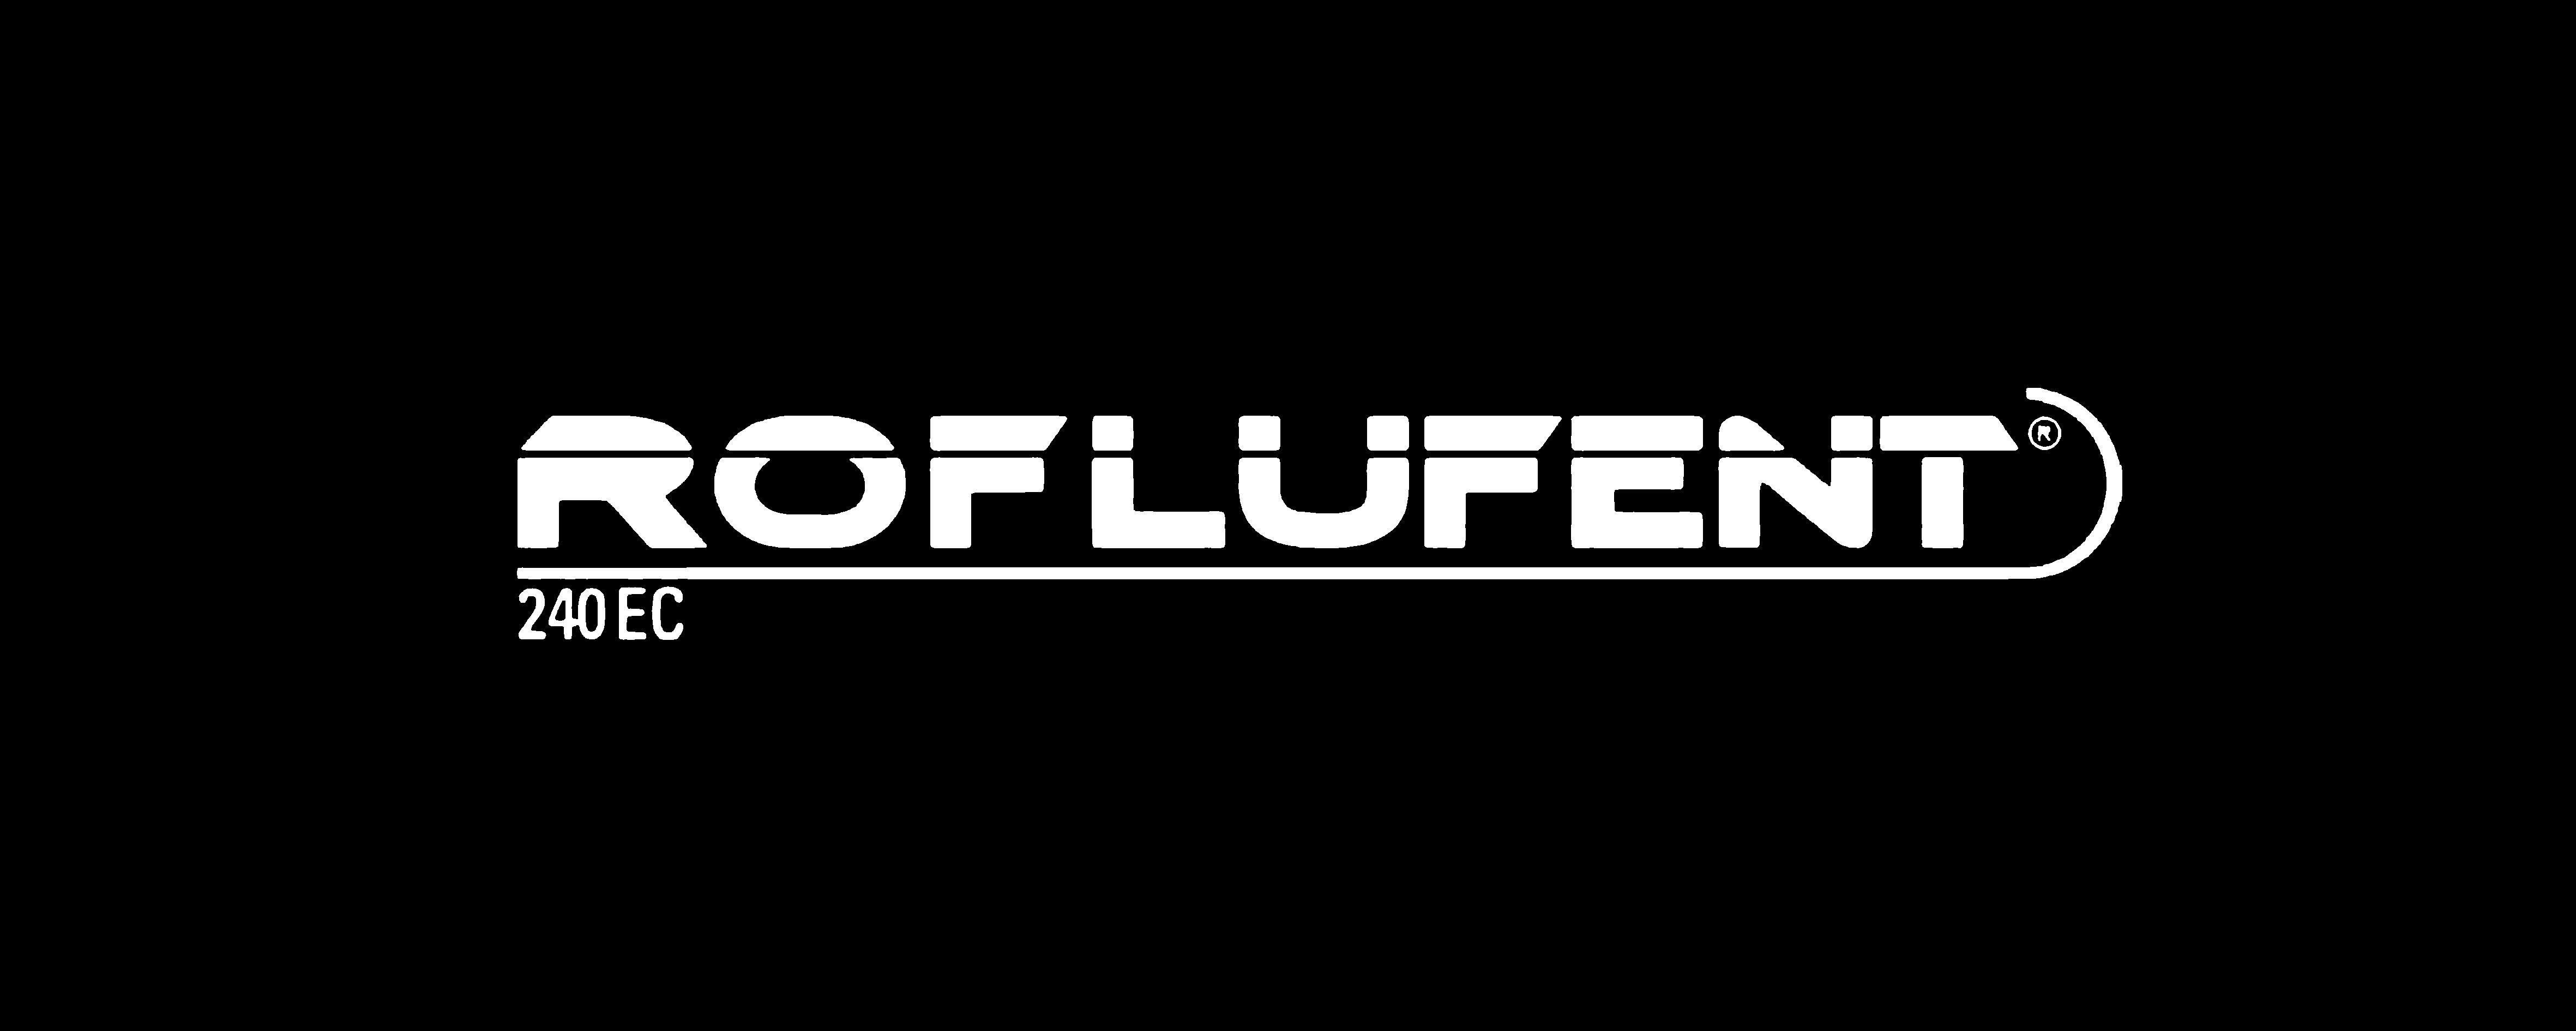 ROFLUFENT-240-EC